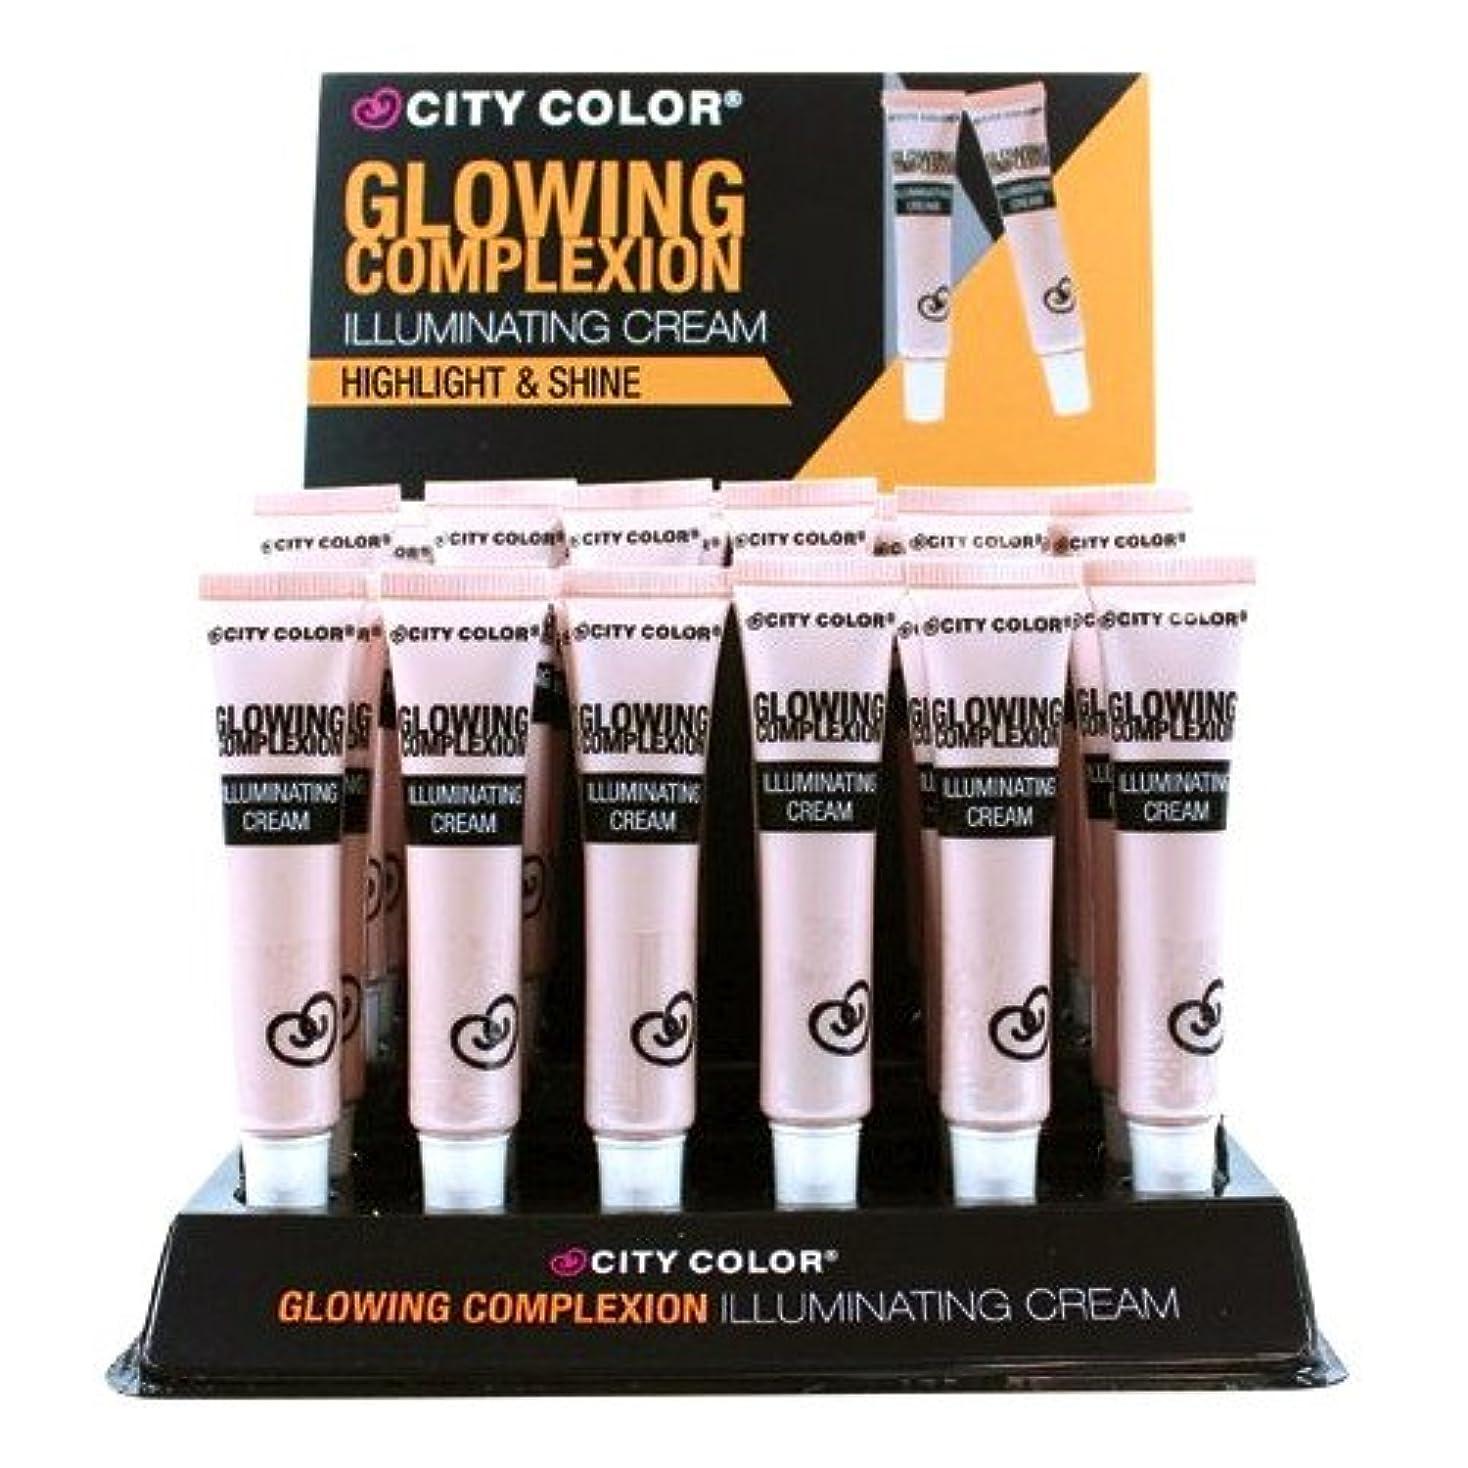 勃起好奇心盛憂慮すべきCITY COLOR Glowing Complexion Illuminating Cream Luminous Dewy Glow Display Case Set 24 Pieces (並行輸入品)